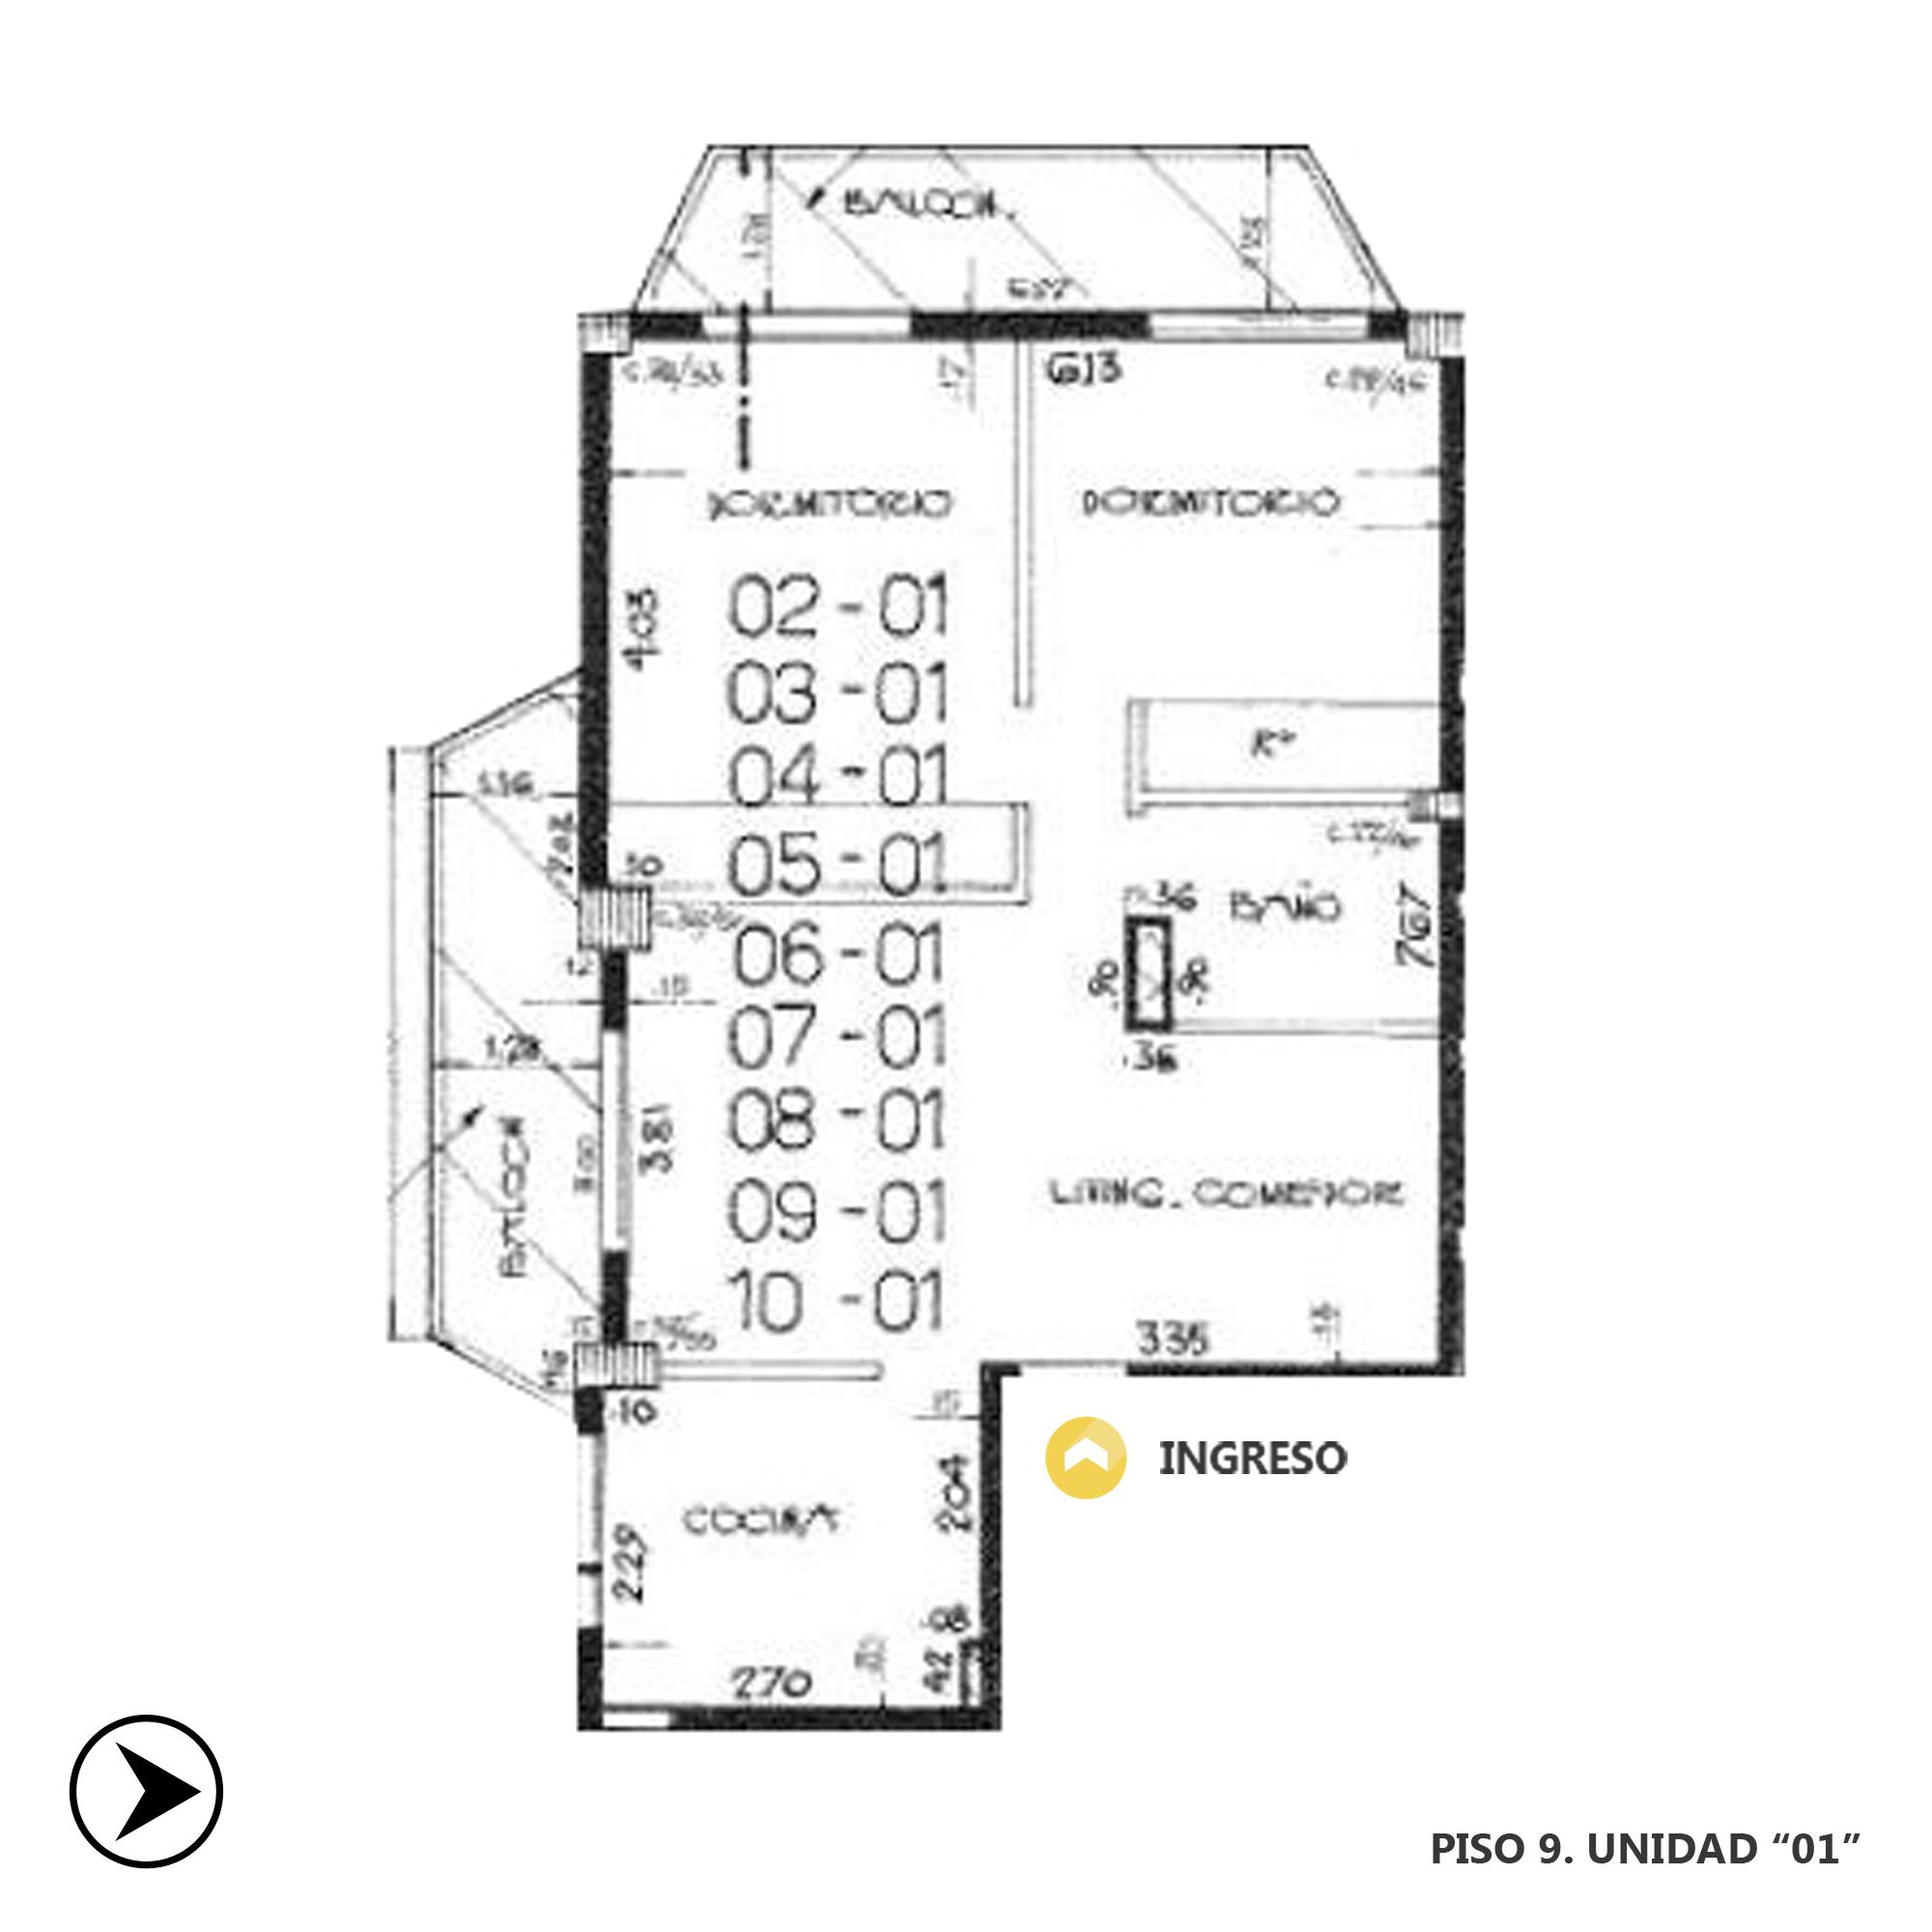 Venta departamento 2 dormitorios Rosario, Centro. Cod CAP2027338. Crestale Propiedades